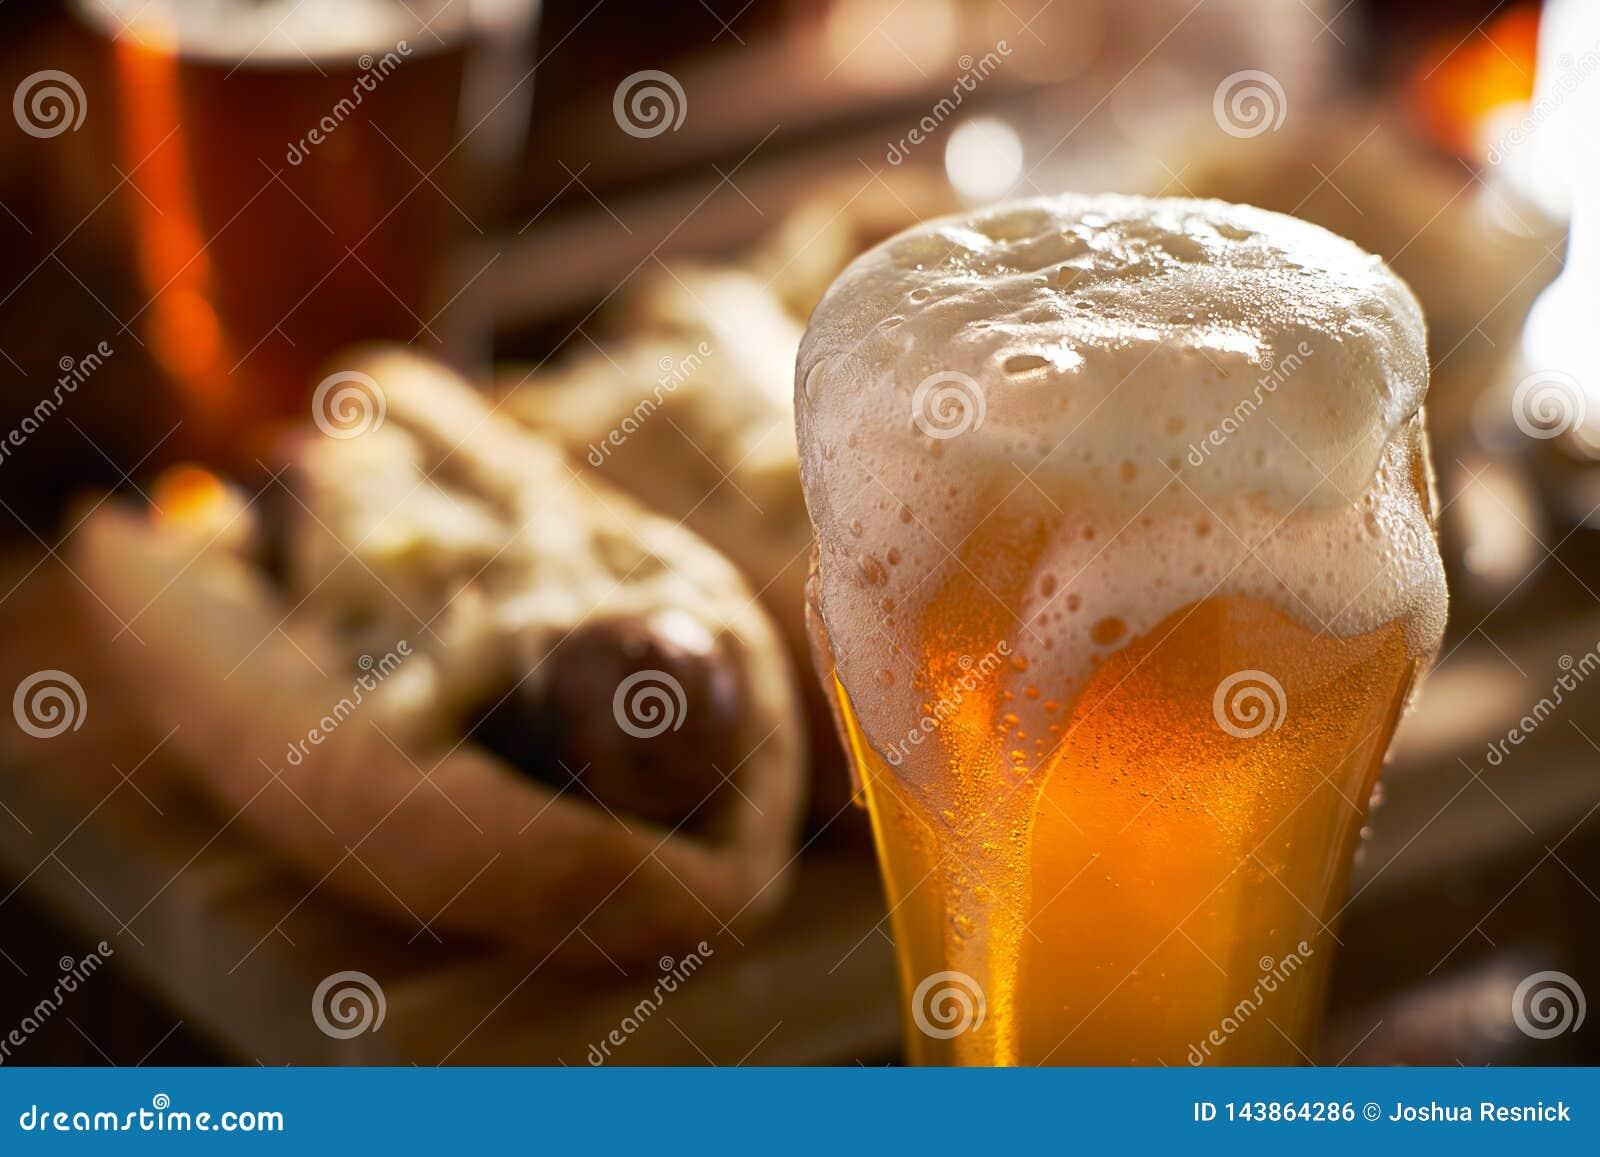 A fraîchement versé la bière ambre dans la tasse servie avec des bratwursts